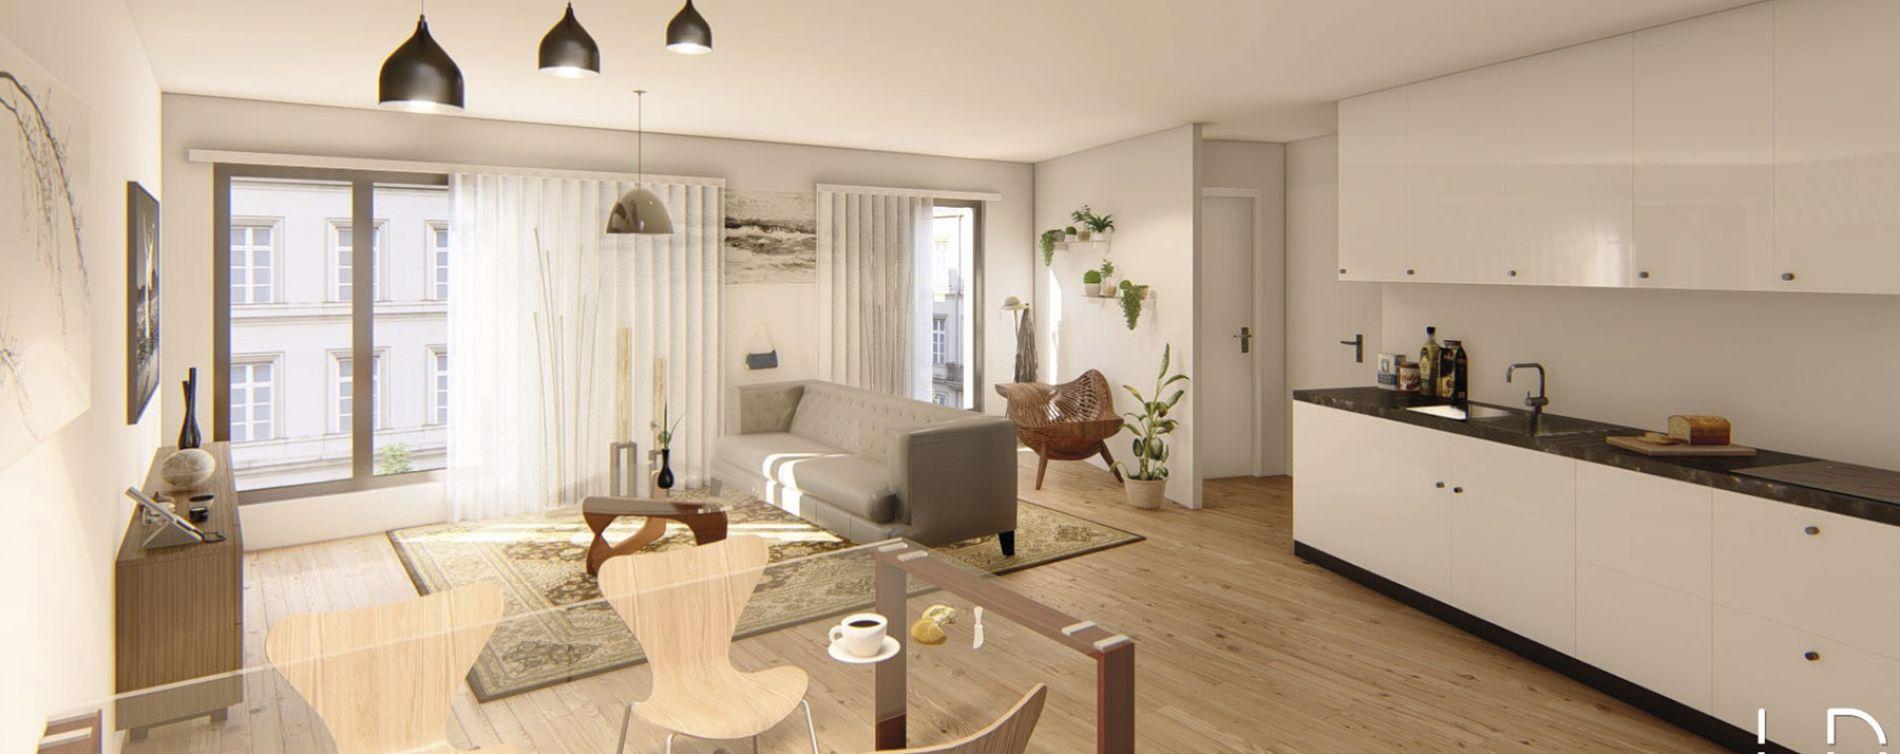 Villiers-sur-Marne : programme immobilier neuve « Le 5 »